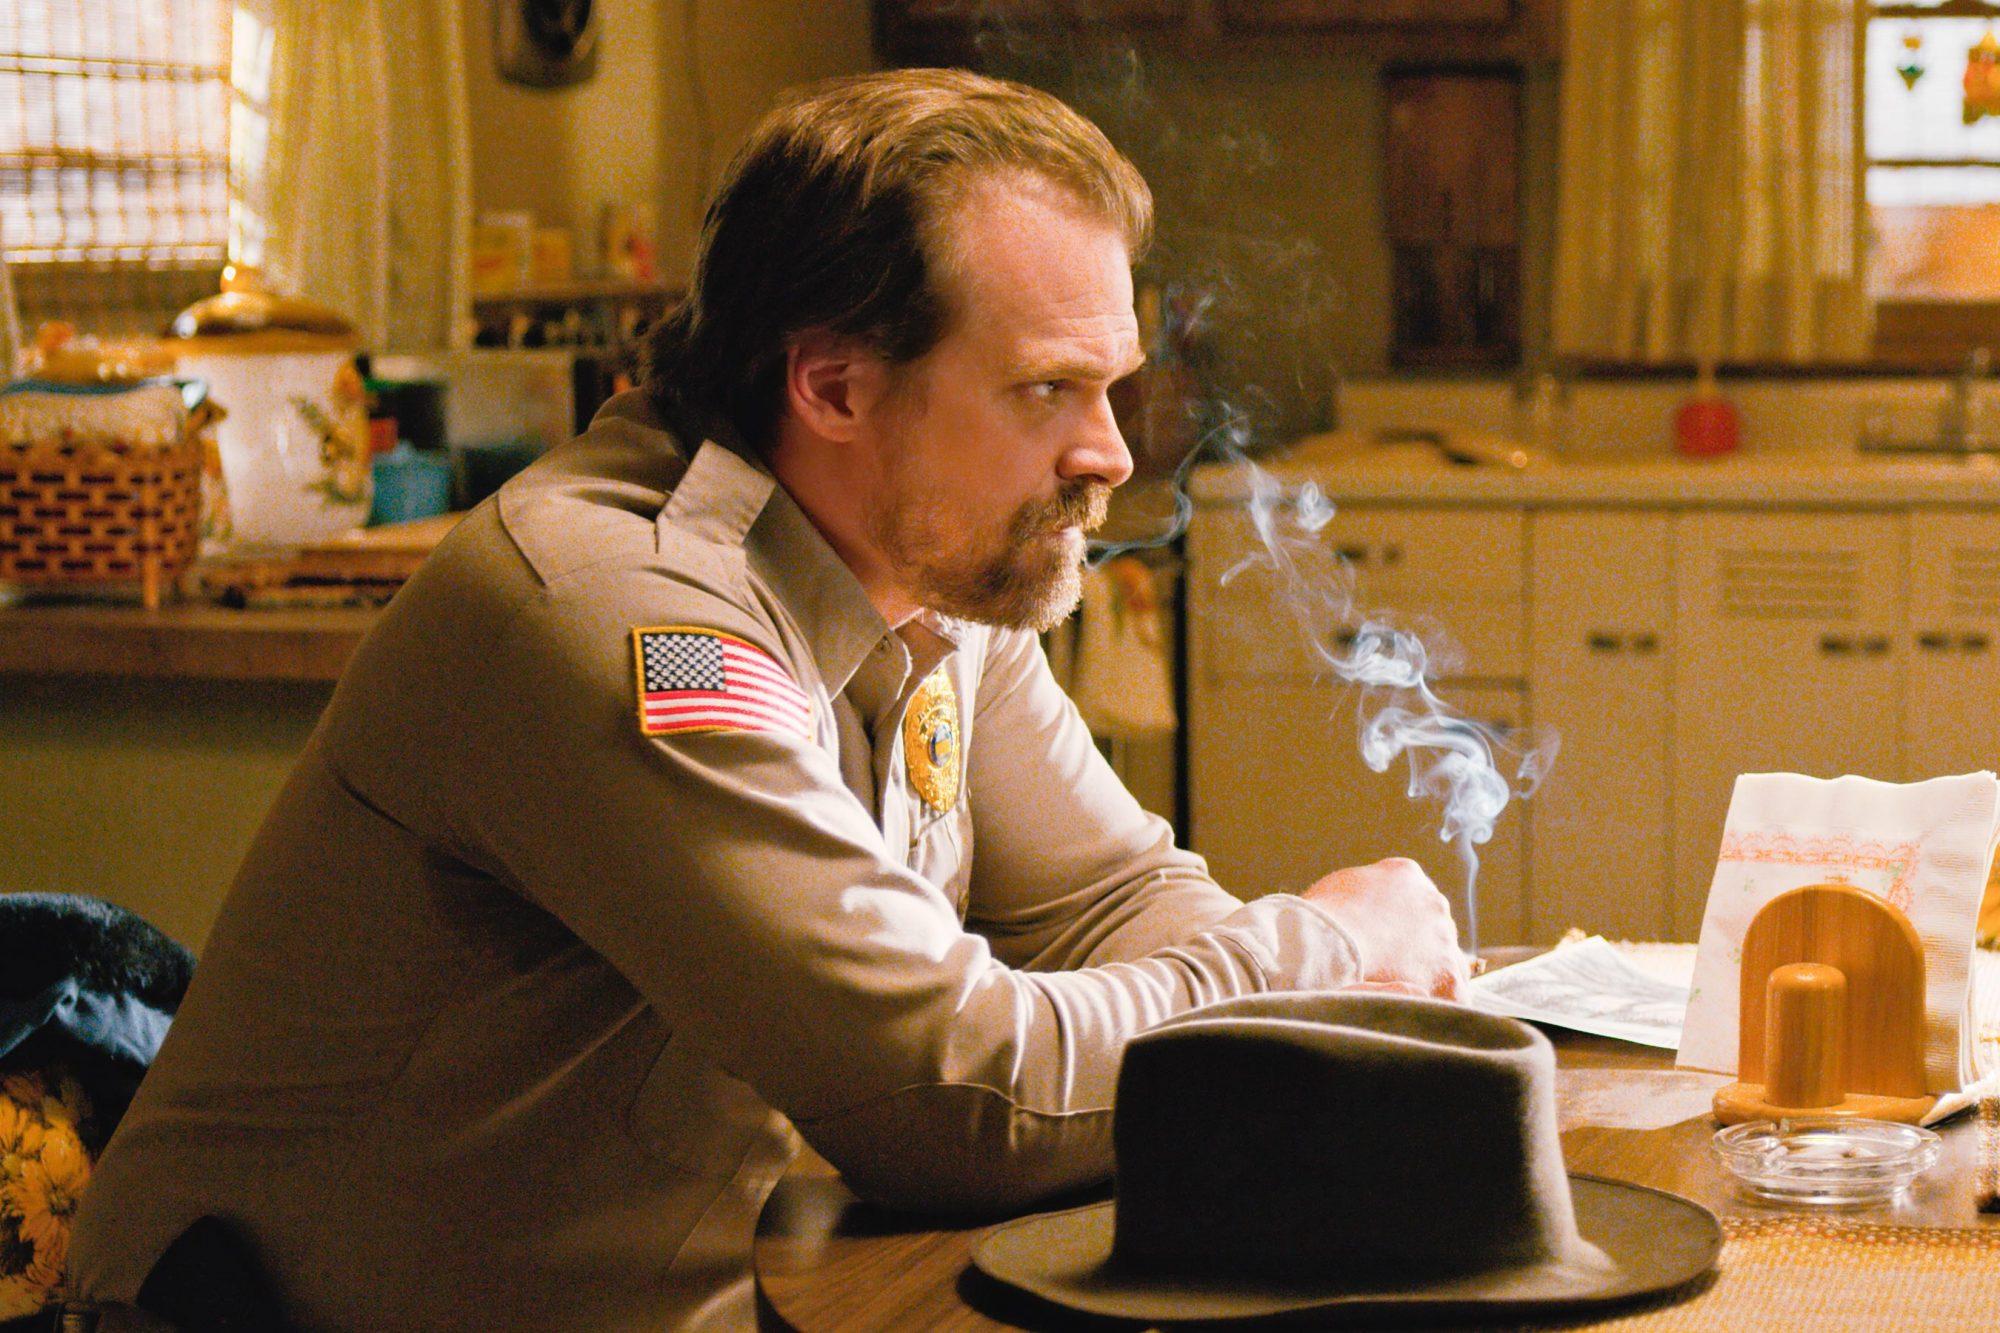 Stranger Things 2 Season 2 David Harbour as Jim Hopper CR: Netflix